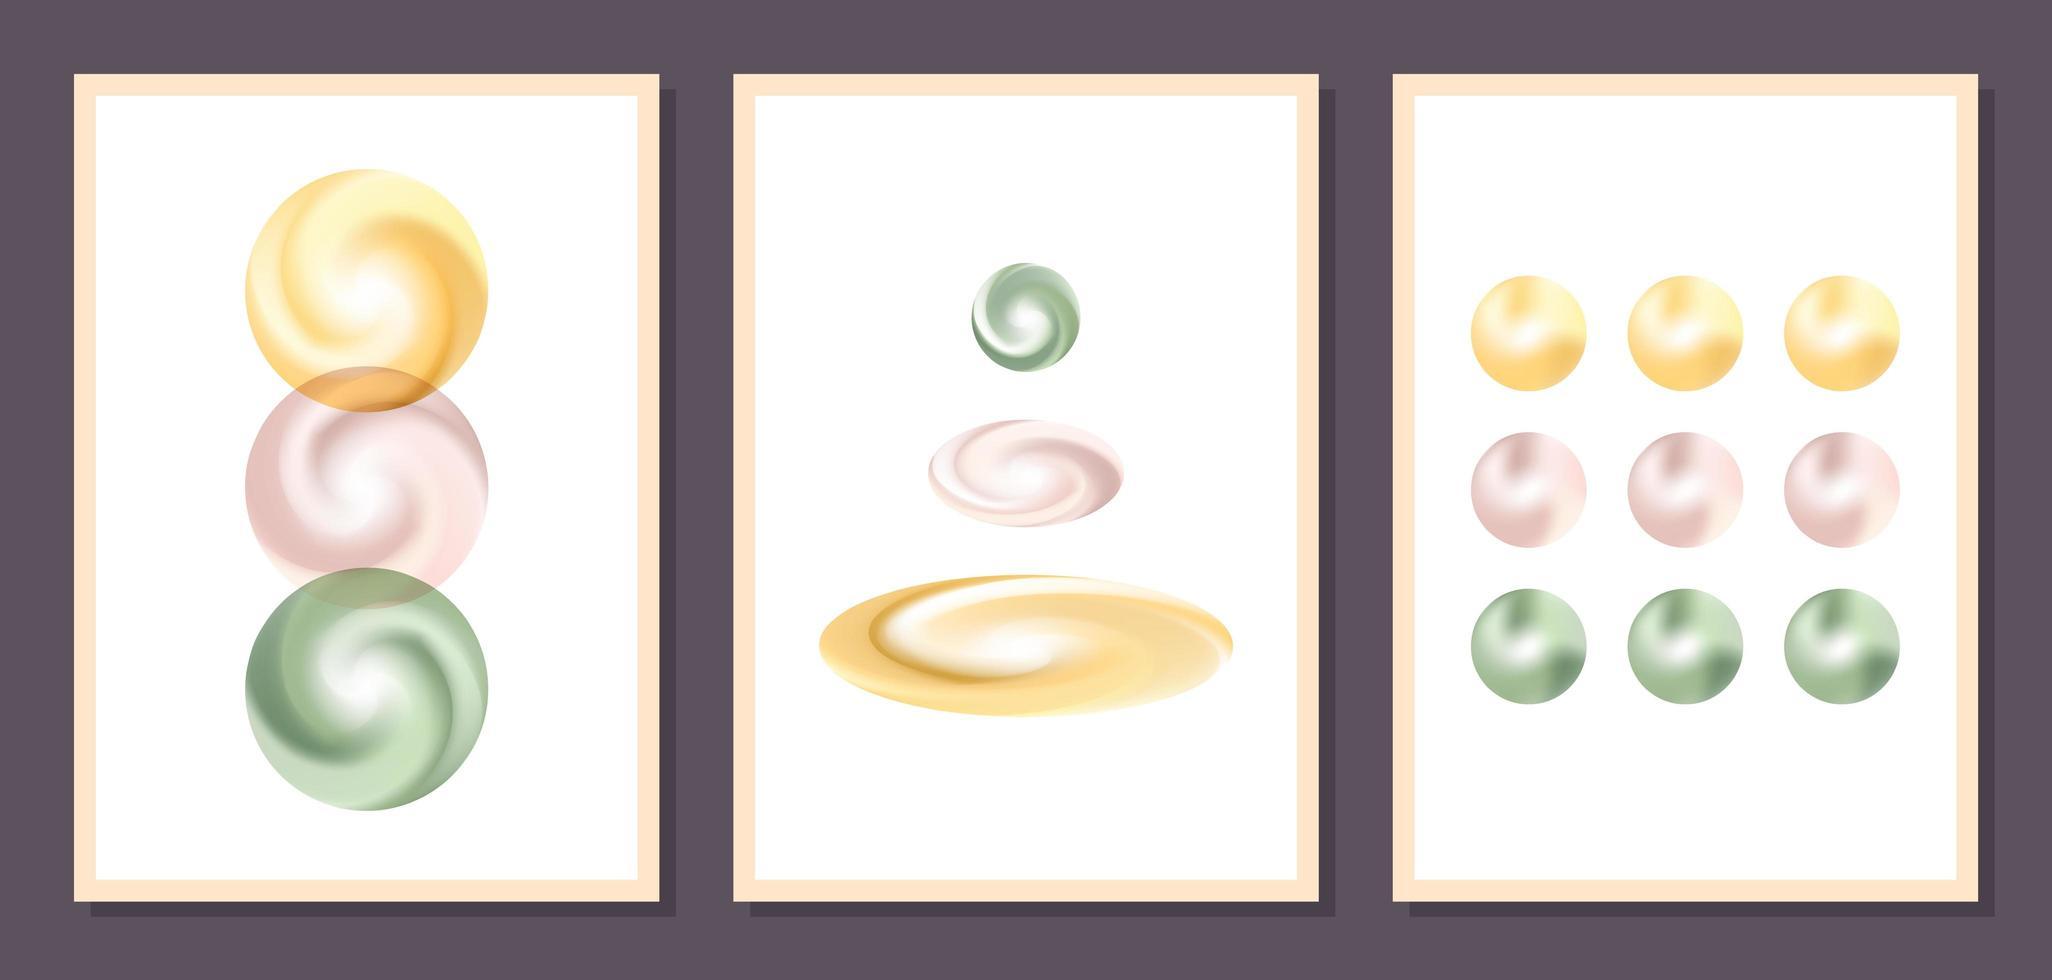 affiches murales minimalistes art vectoriel géométrique. ensemble de modèle de vecteur minimaliste géométrique abstrait affiches contemporaines avec des éléments de formes de sphères idéal pour la décoration murale de style scandinave moderne